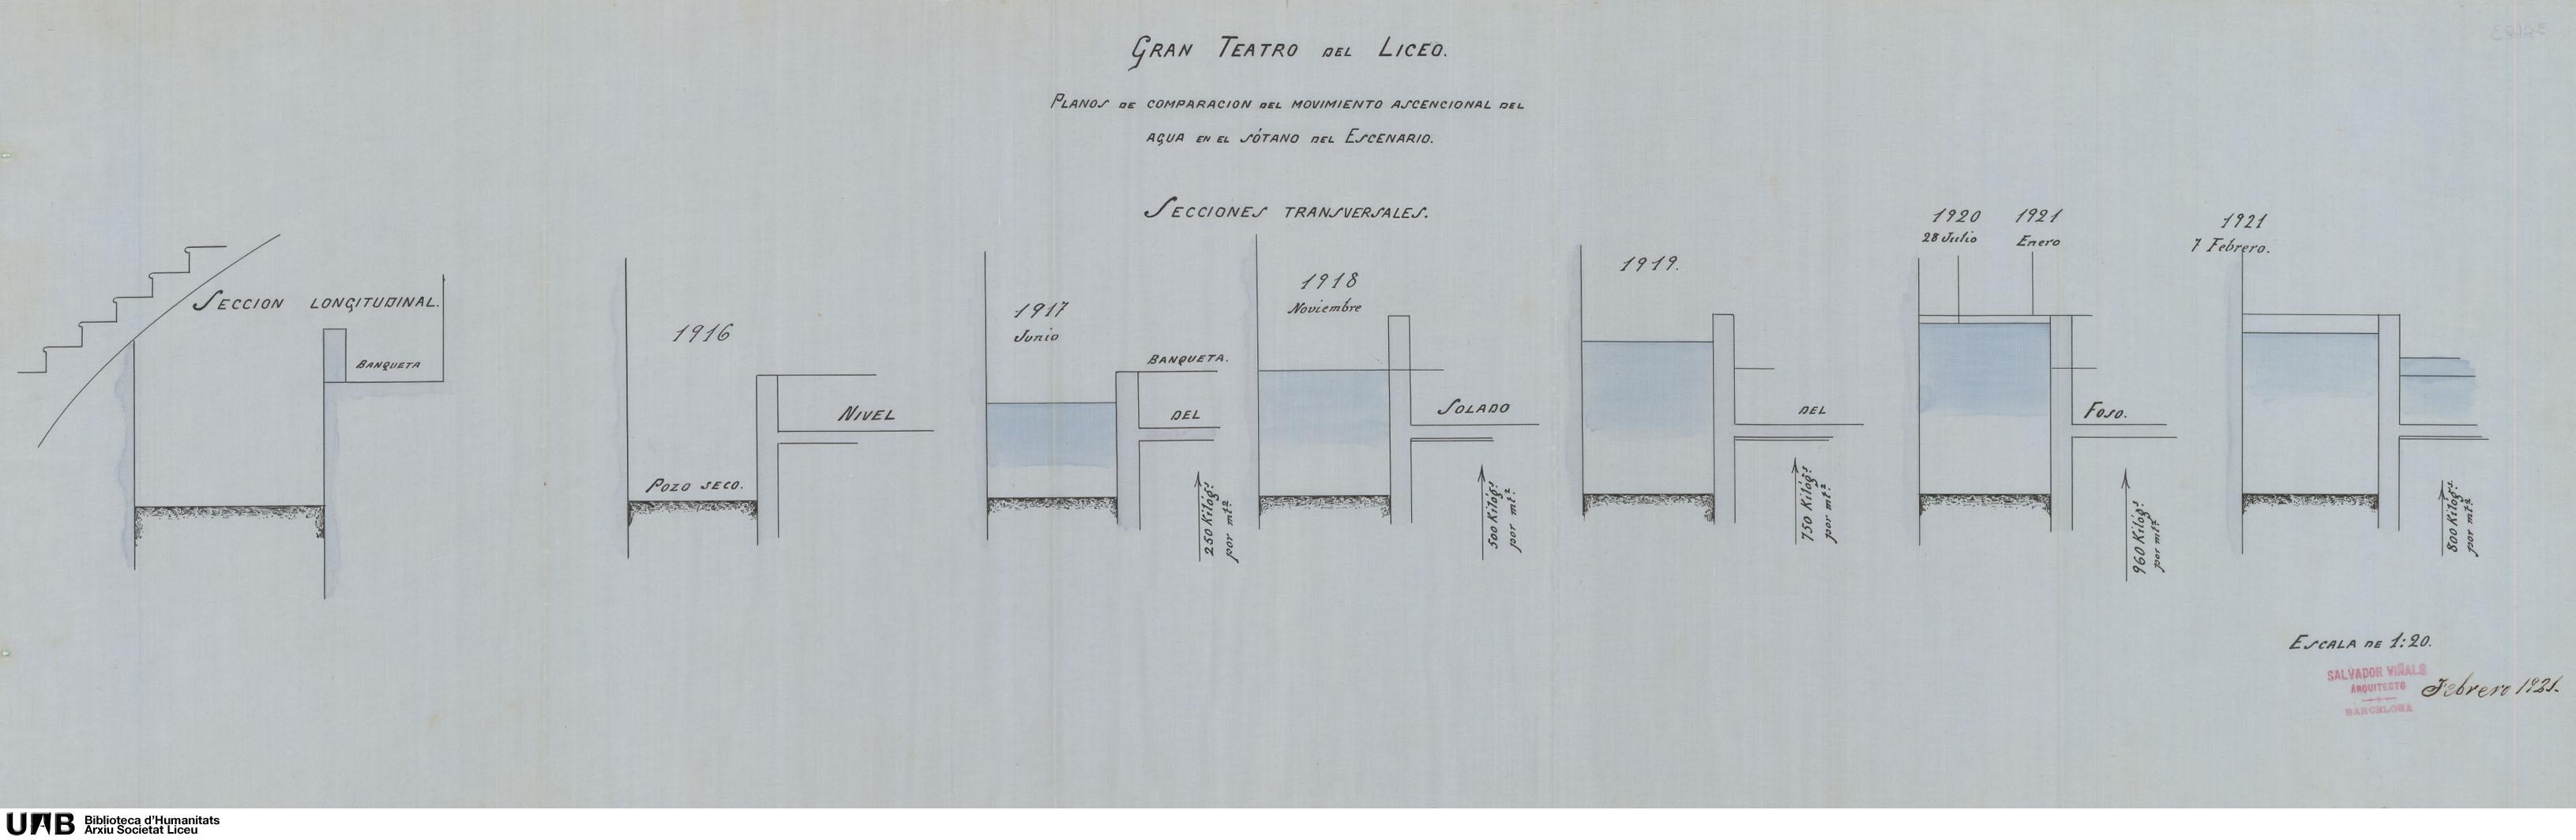 Planos de comparación del movimiento ascensional del agua en el sótano del escenario